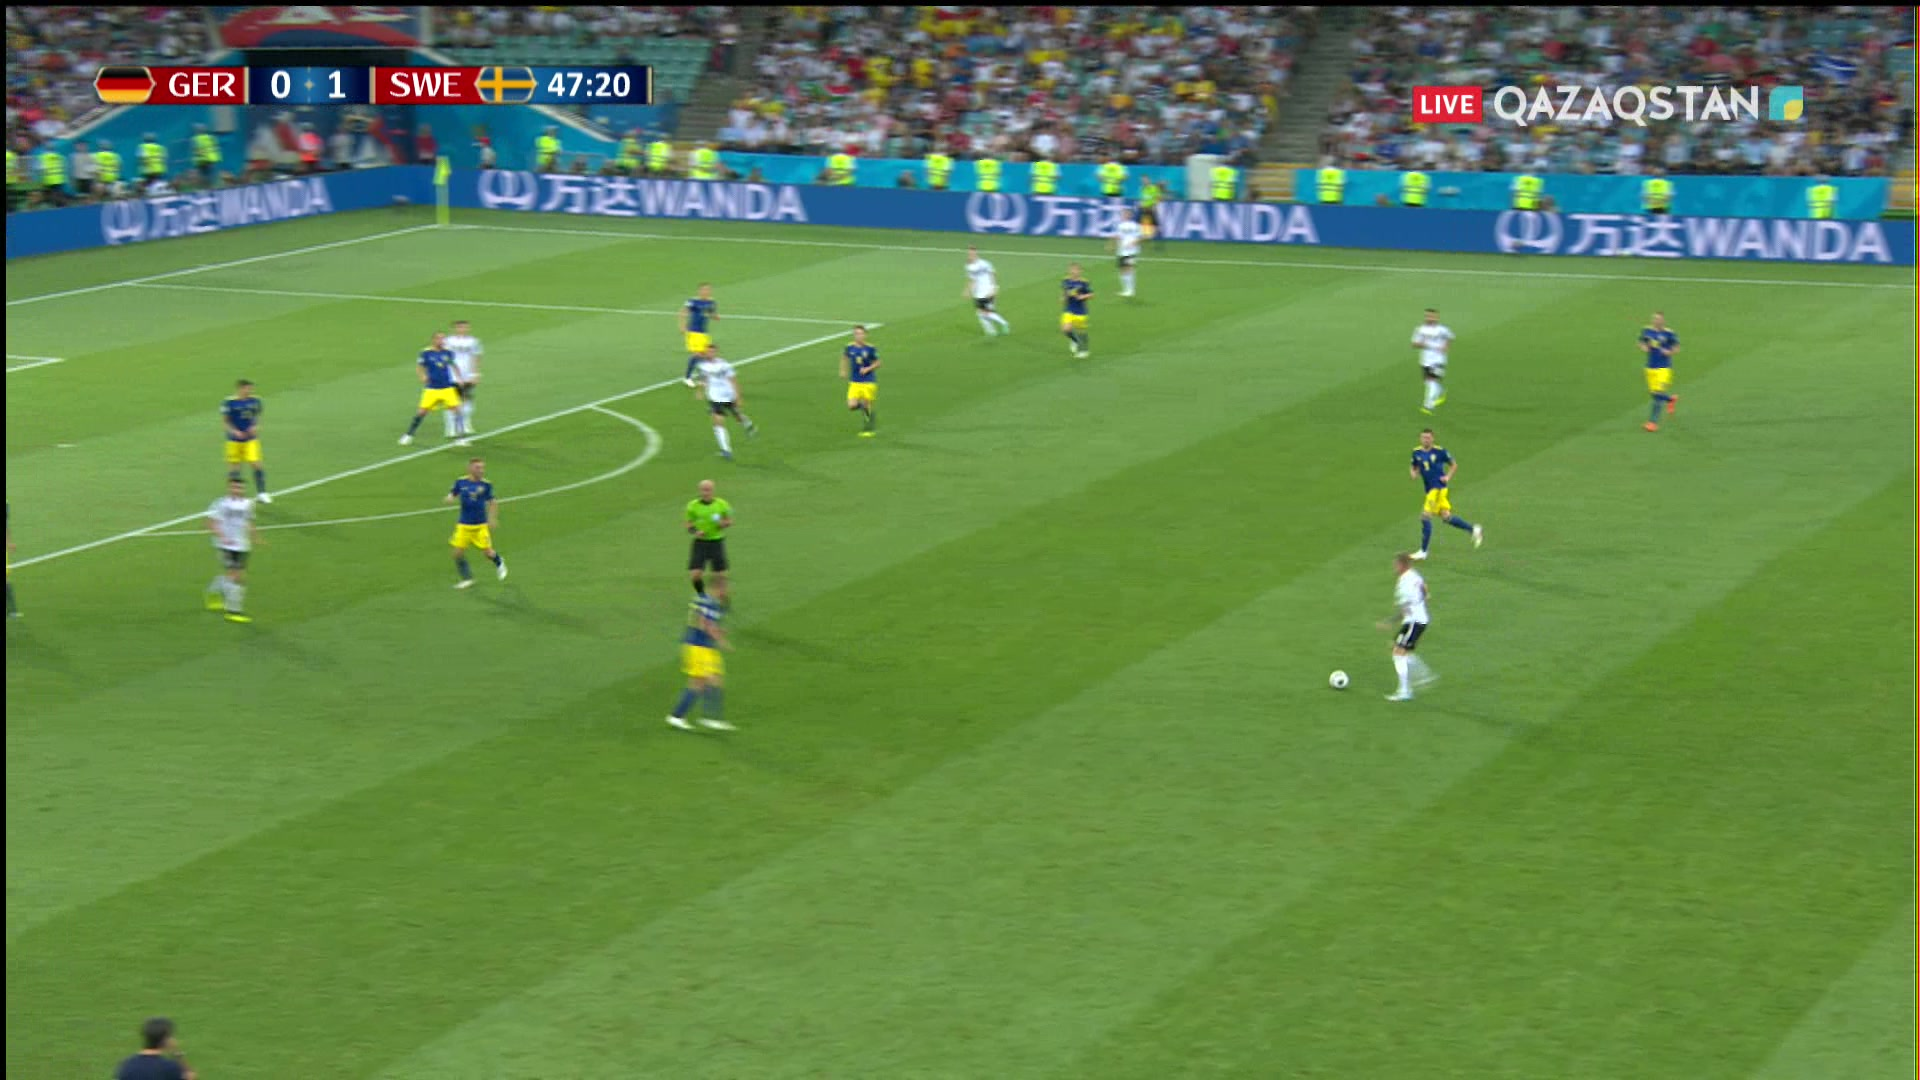 Германия - Швеция |1 – 1|.  Марко Ройстың голы Германия құрамасының плей-офф кезеңіне үміт сыйлады